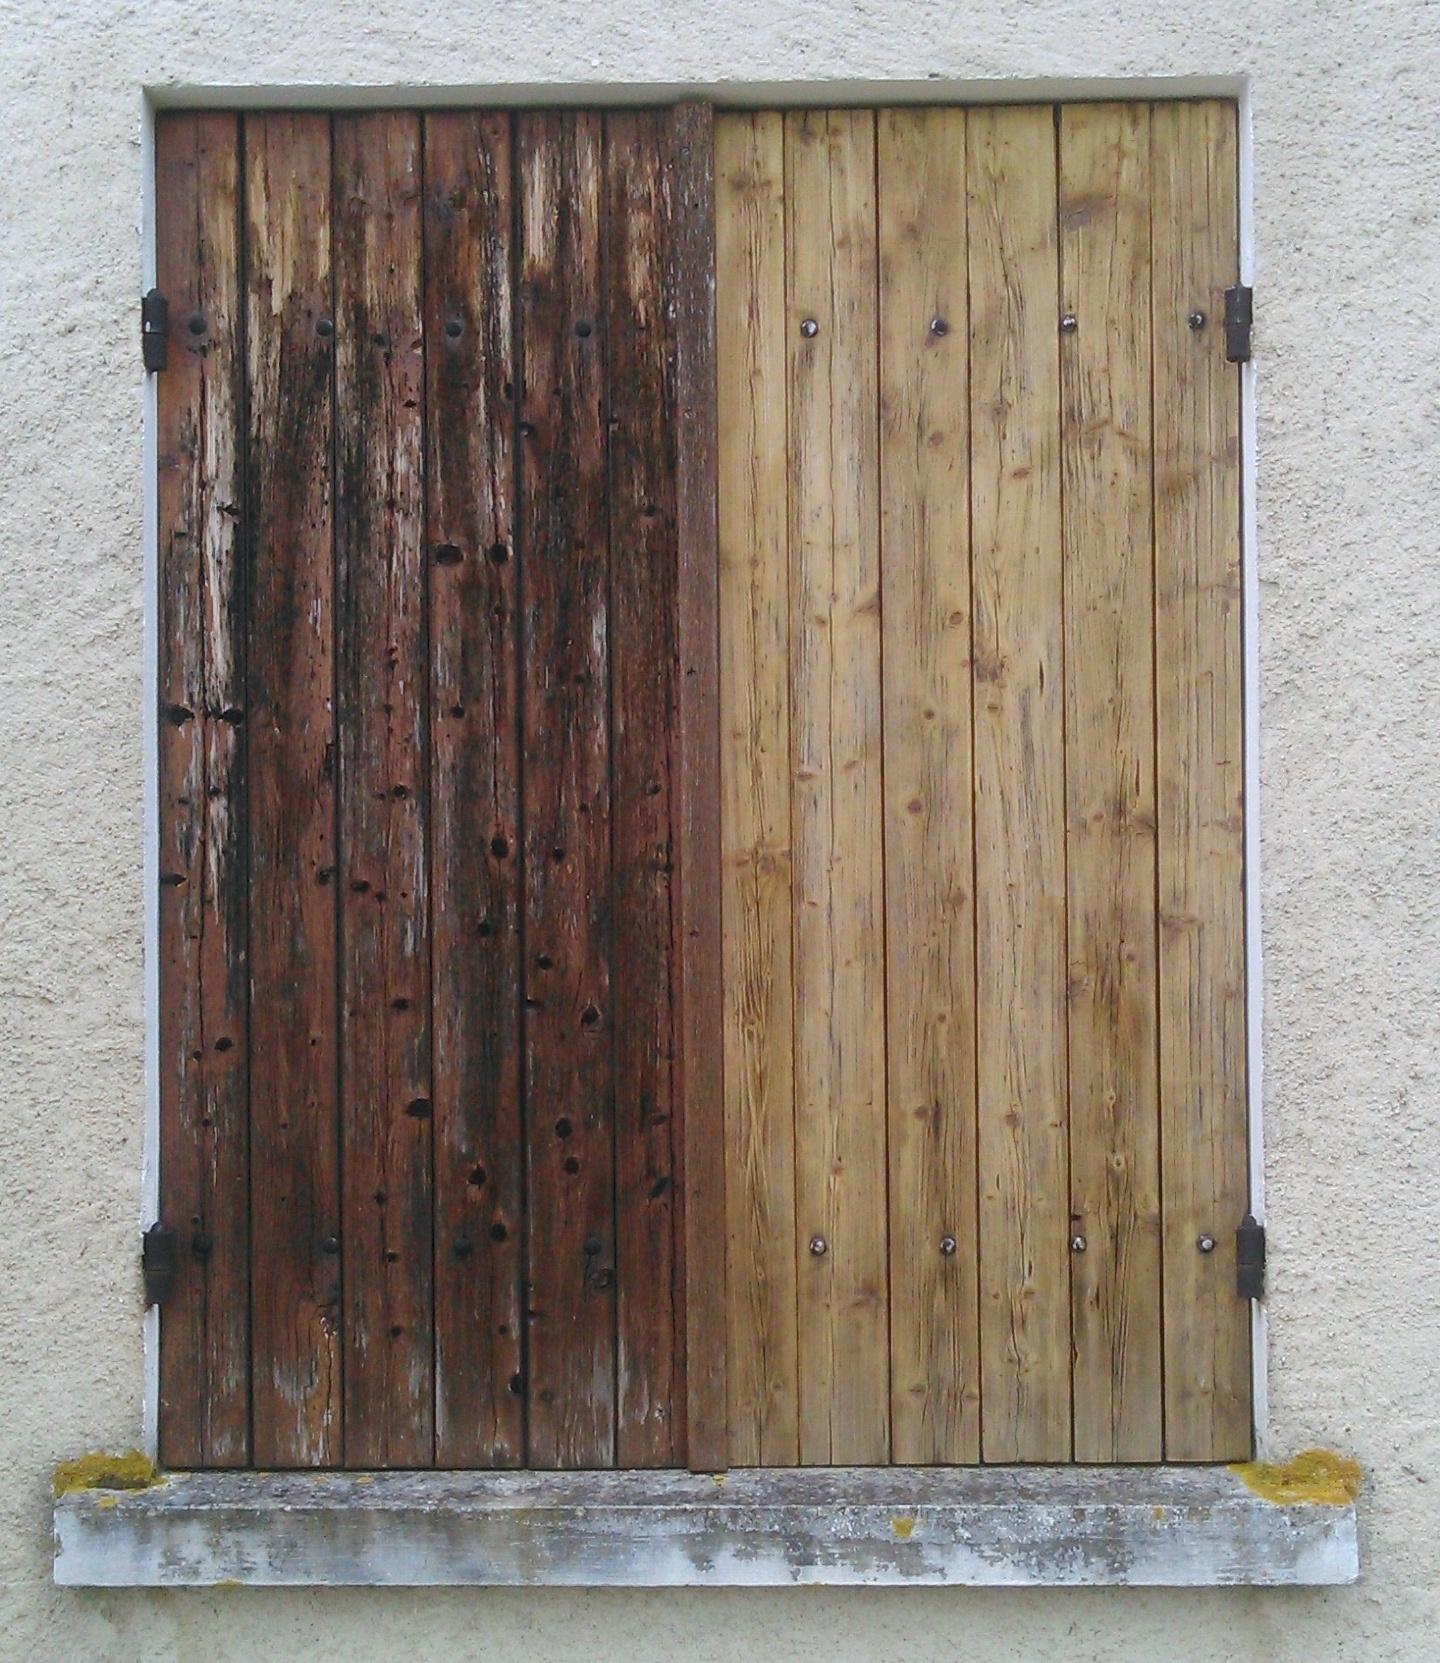 Renover Des Volets En Bois - Rénovation de volets bois avec reconstitution de lames Autoconstruction maison en ossature bois